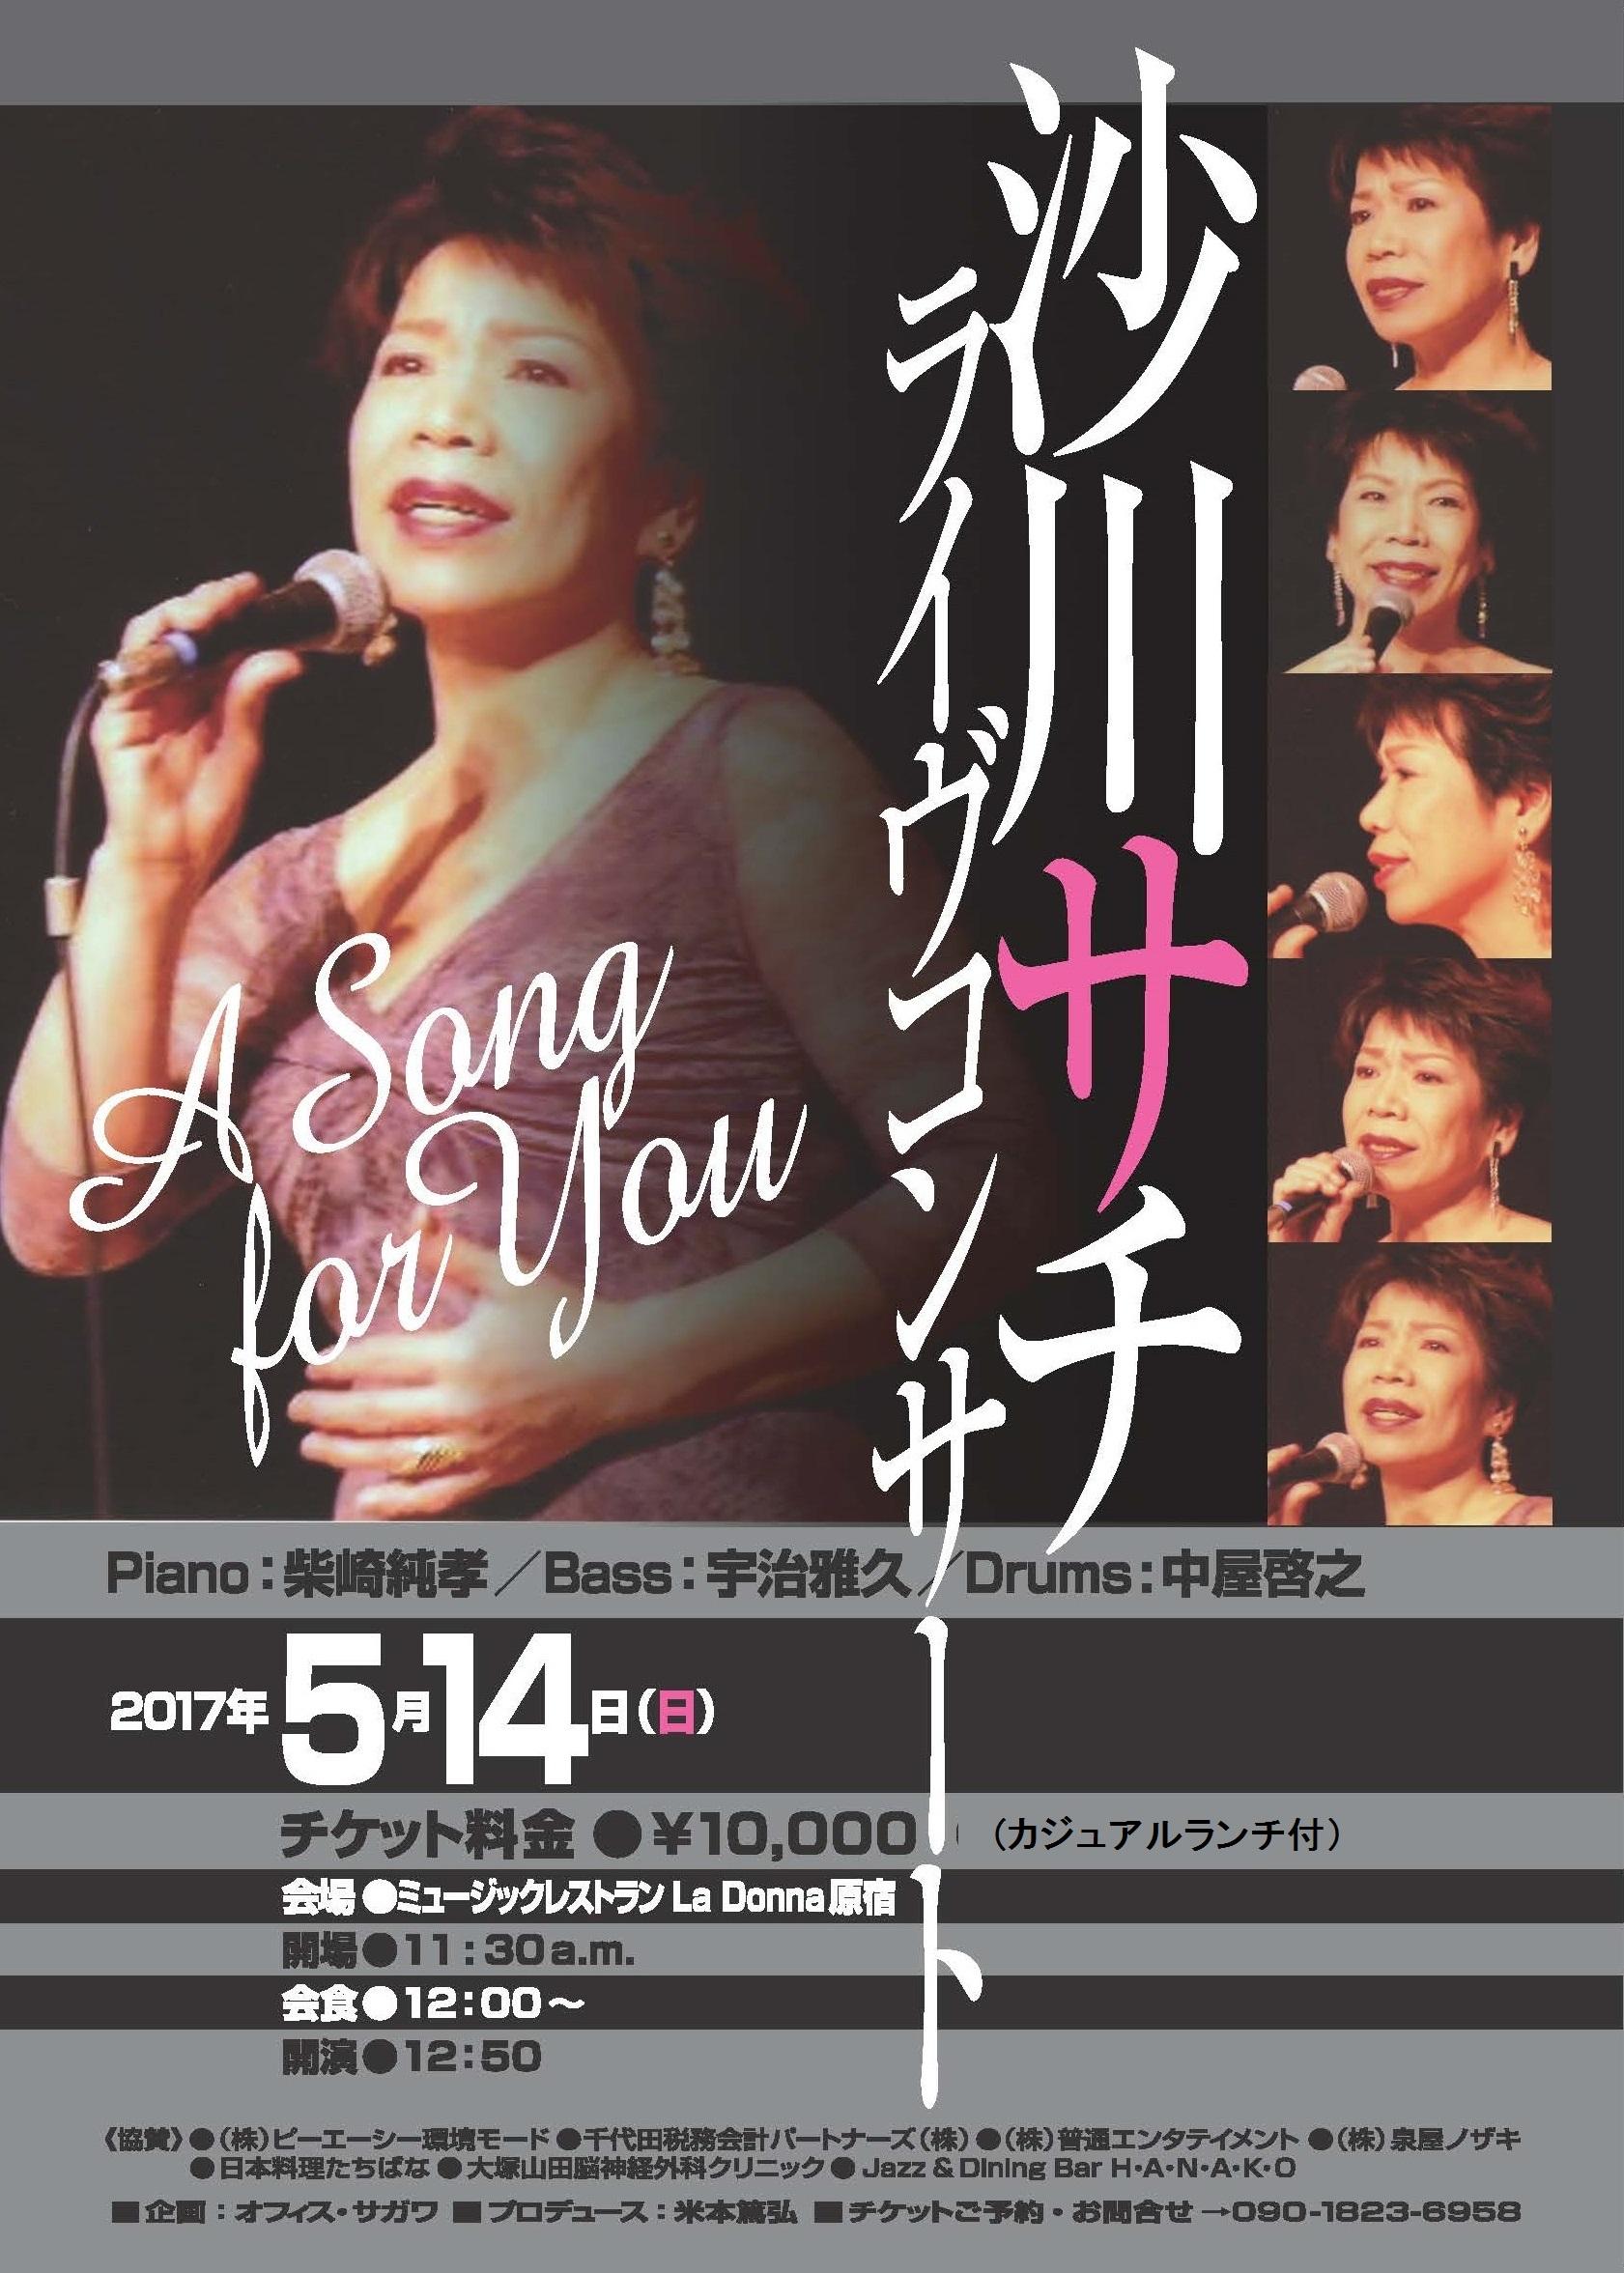 沙川サチ ライブコンサート   A Song for You